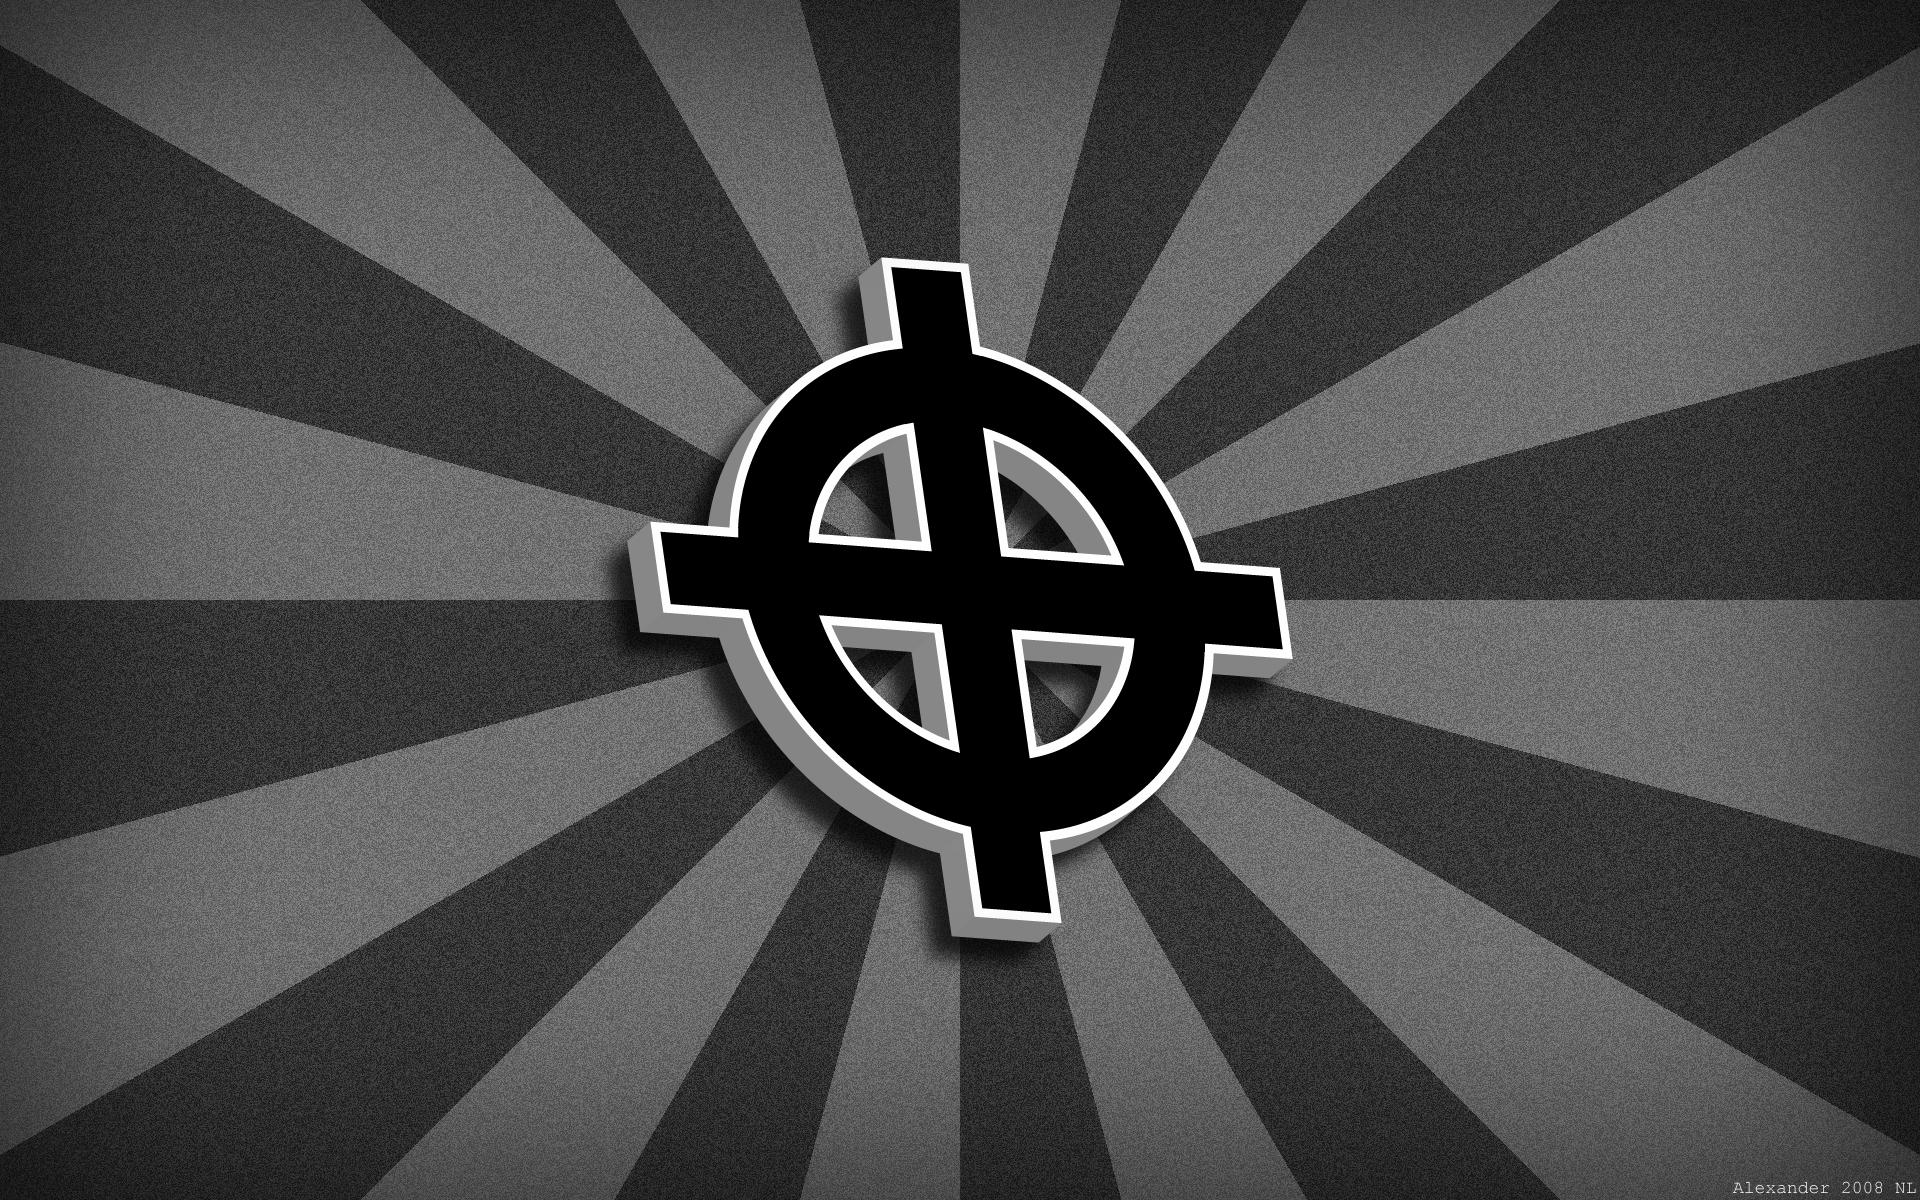 Celtic Cross Flag Backgrounds, Compatible - PC, Mobile, Gadgets| 1920x1200 px